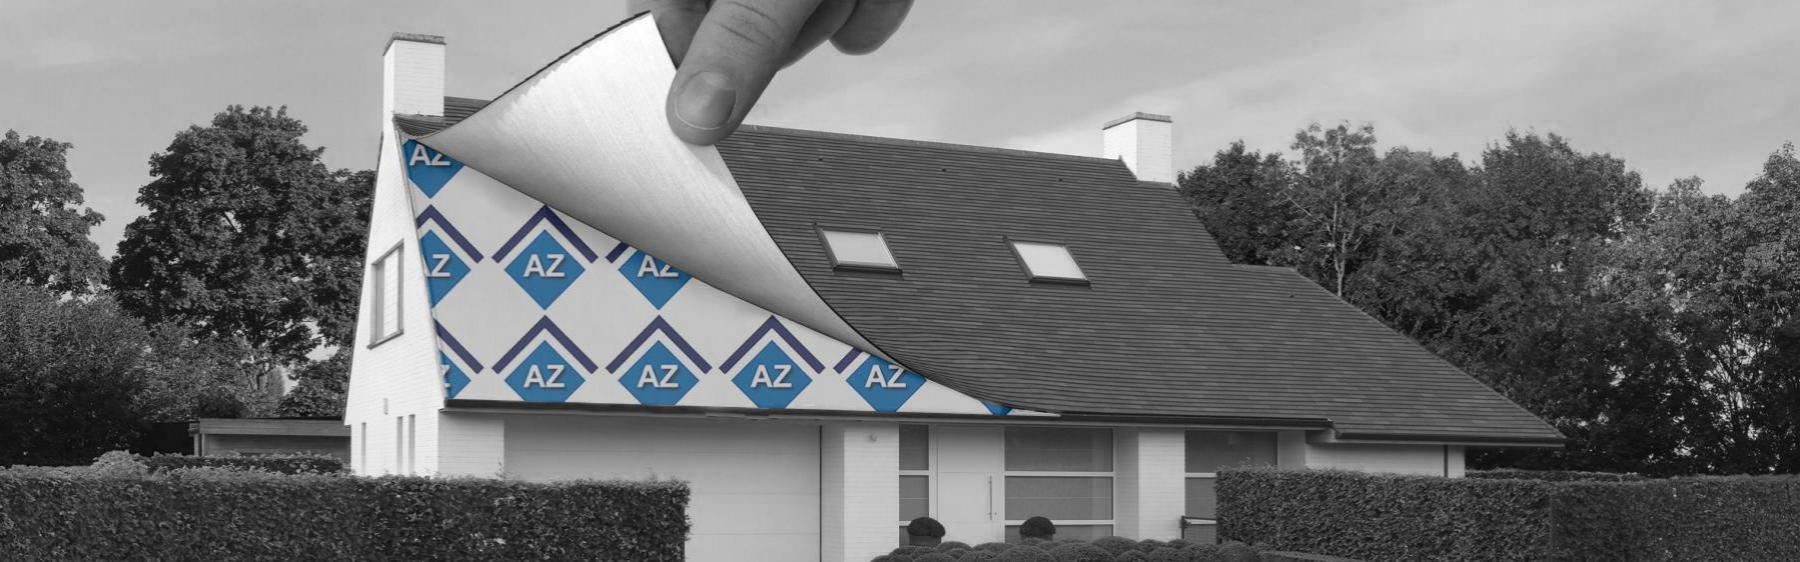 Huis_met_AZ_h500_cropped_2.jpg